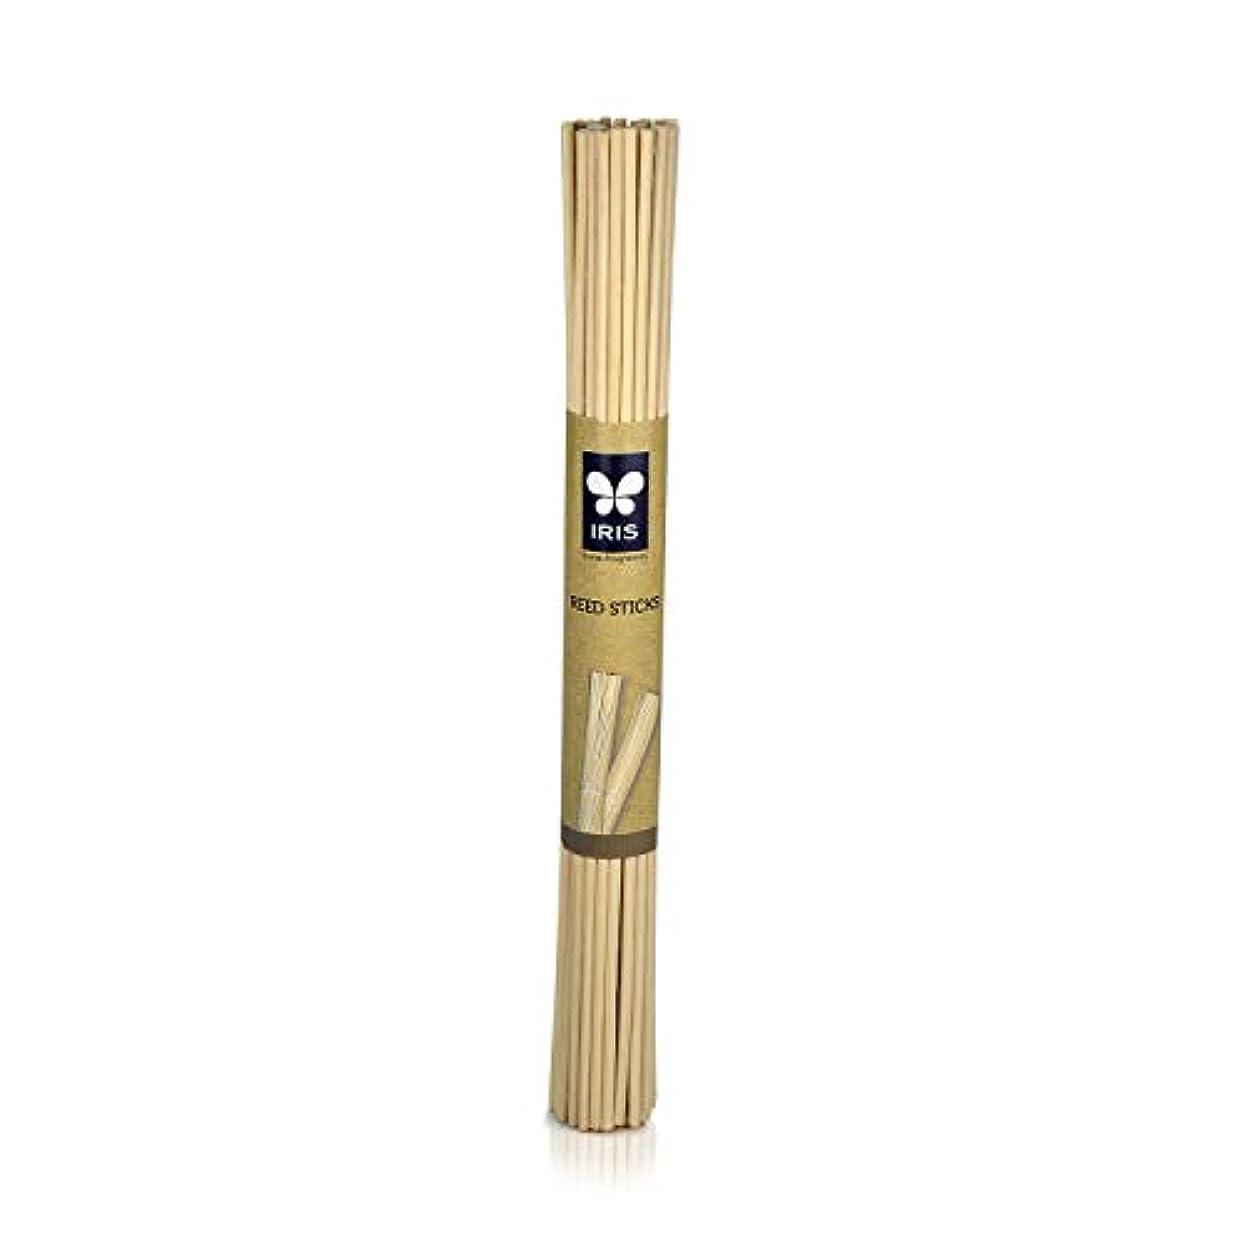 悪い銛パットIris Wood Reed Sticks (25.4 cm Long)